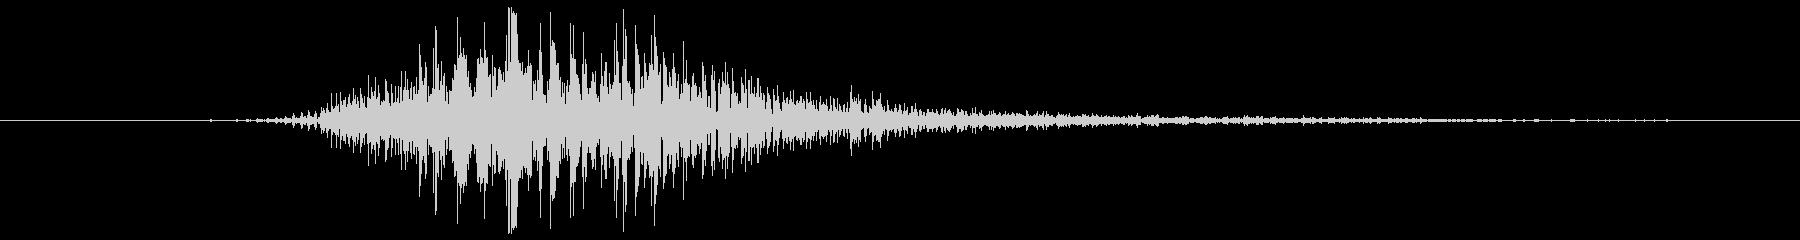 モンスター グロールアタックハイ01の未再生の波形